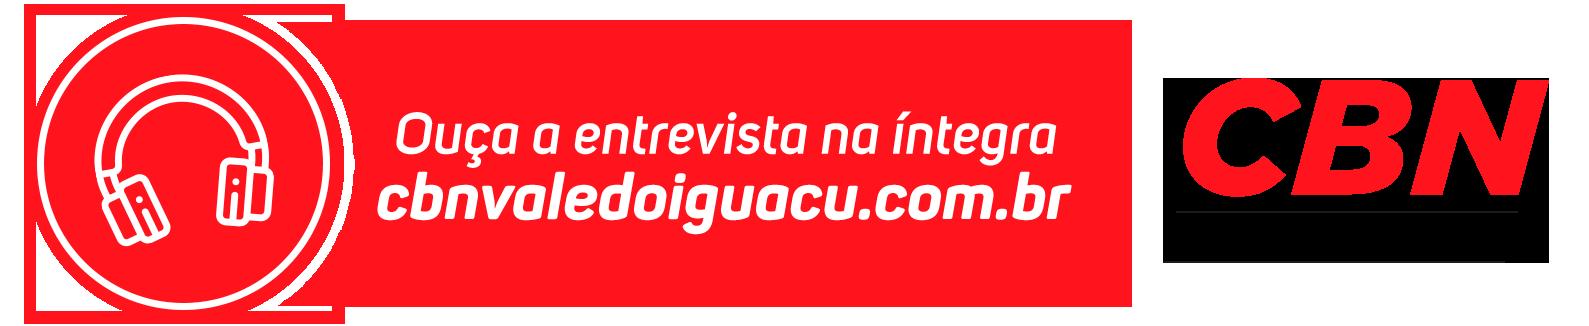 CBN_selo_ouça_na_integra